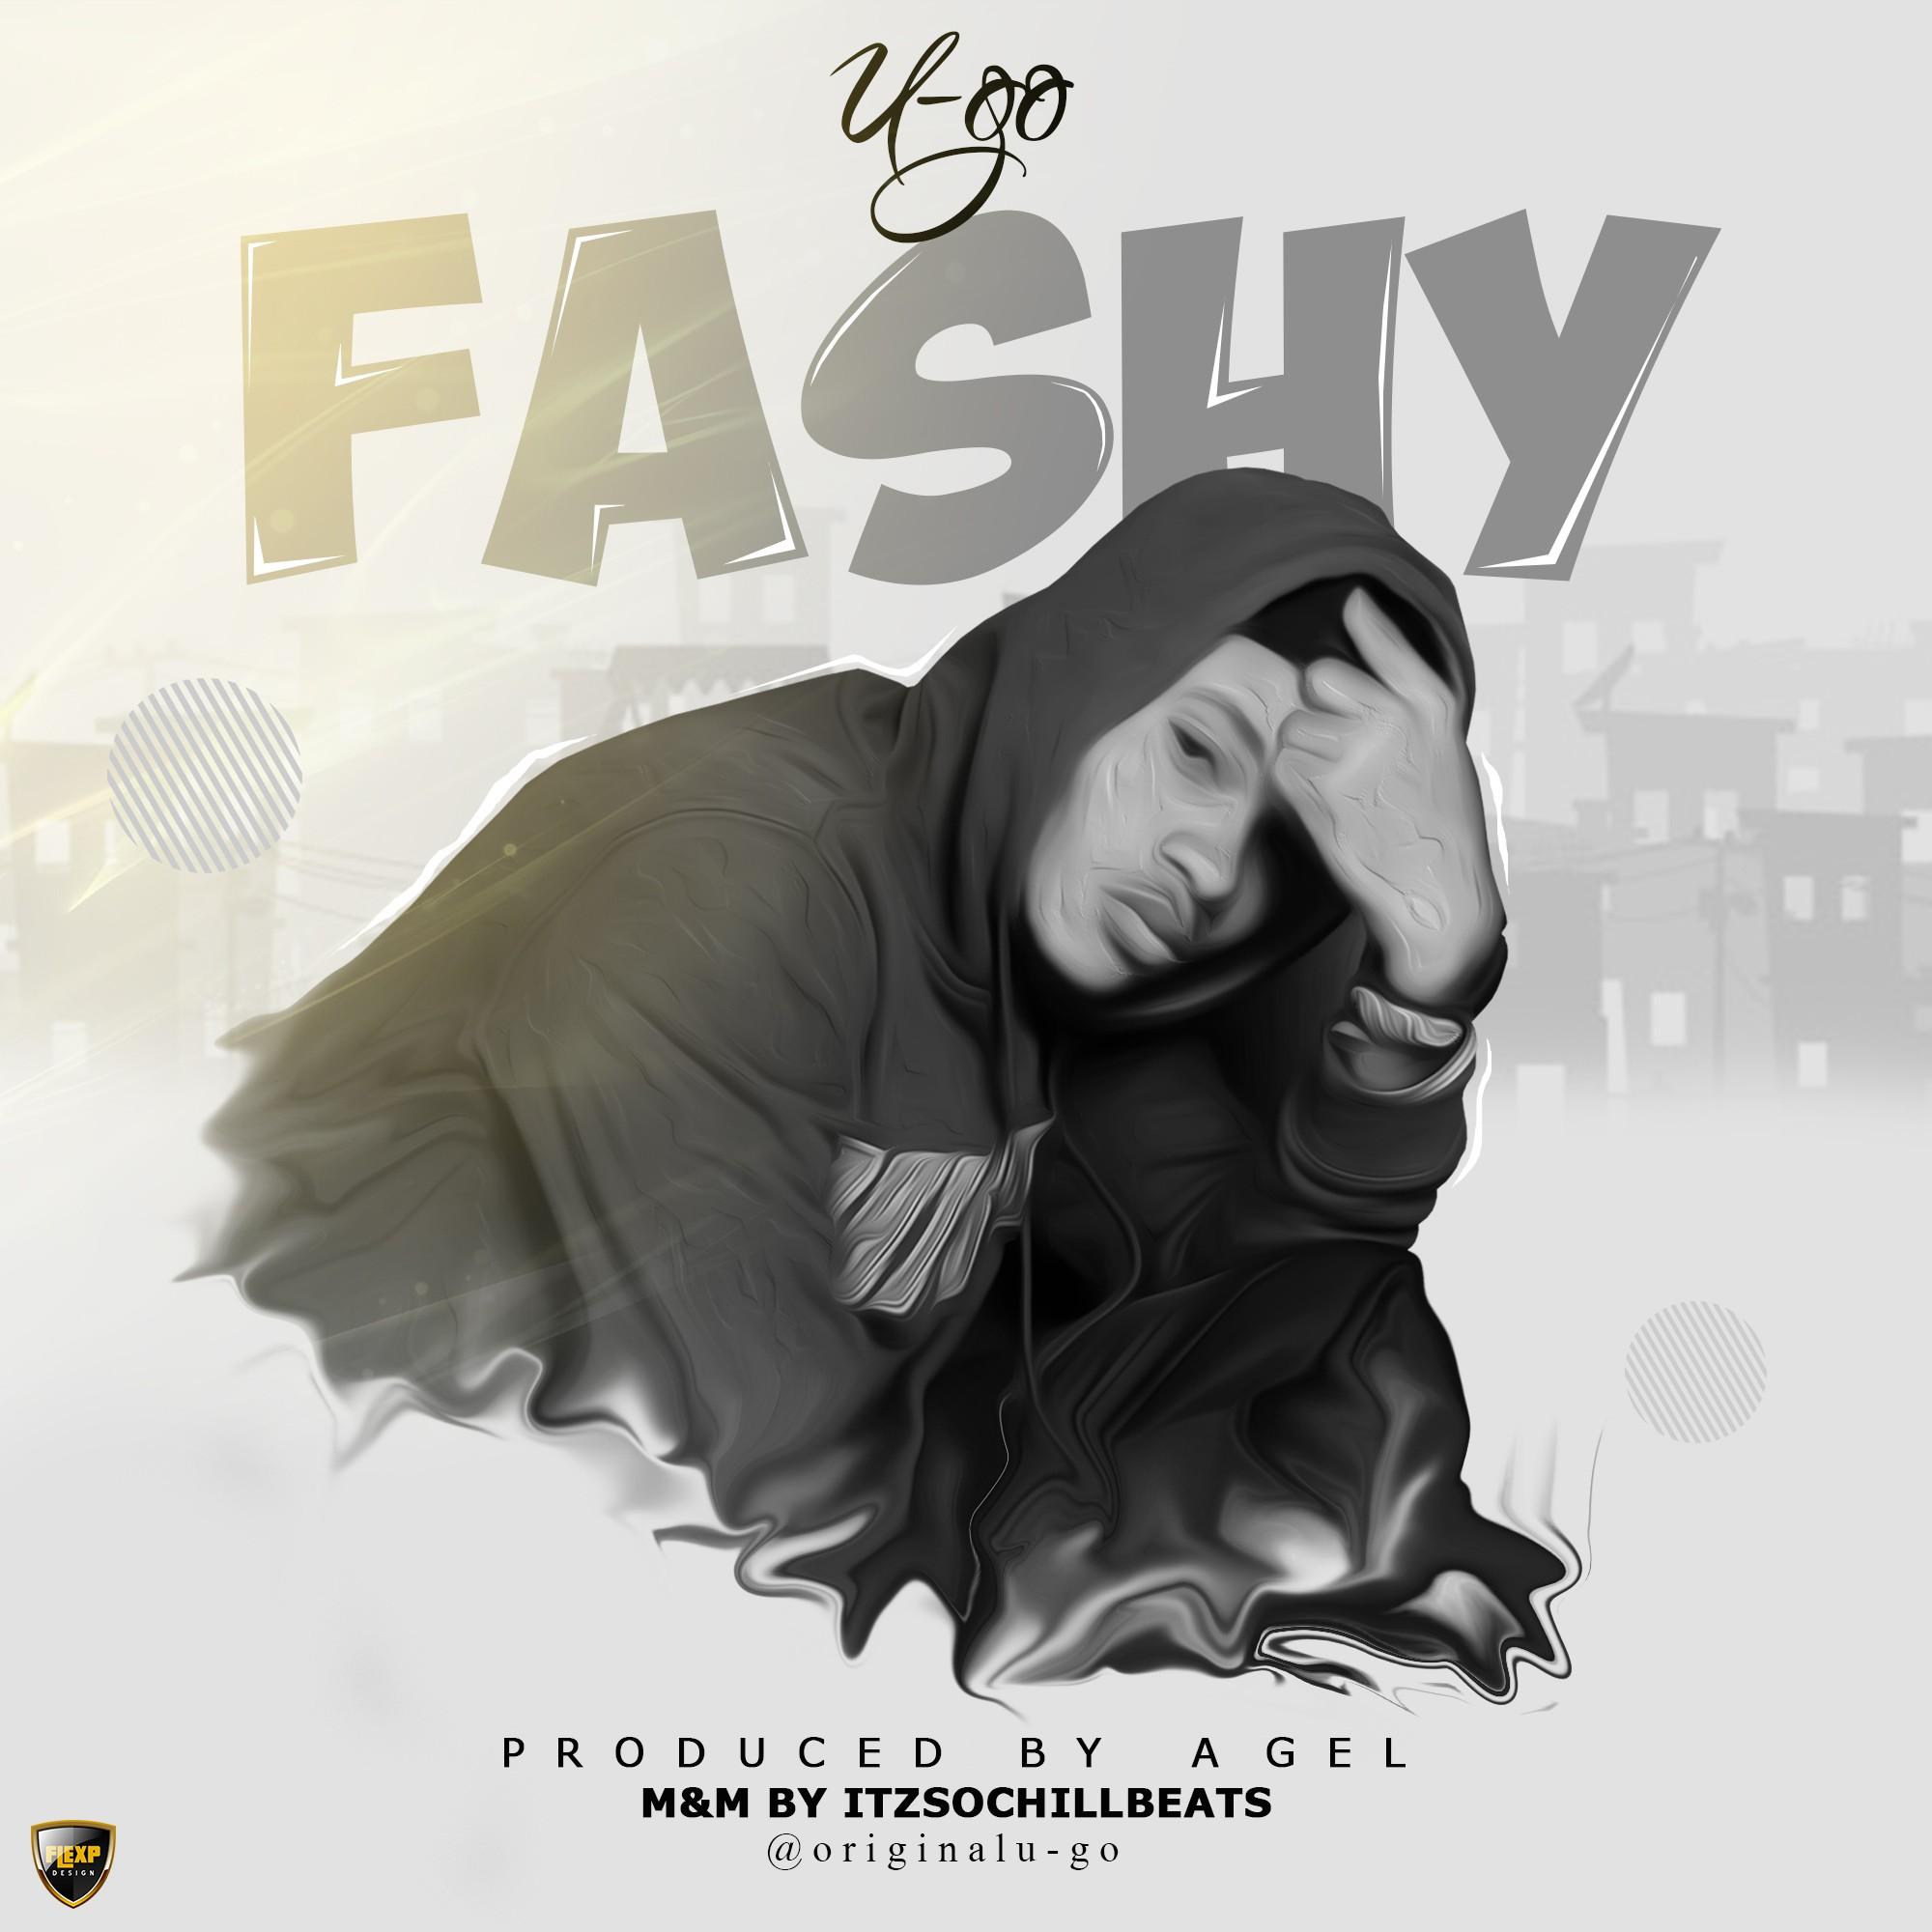 fashy 2 u-go-1